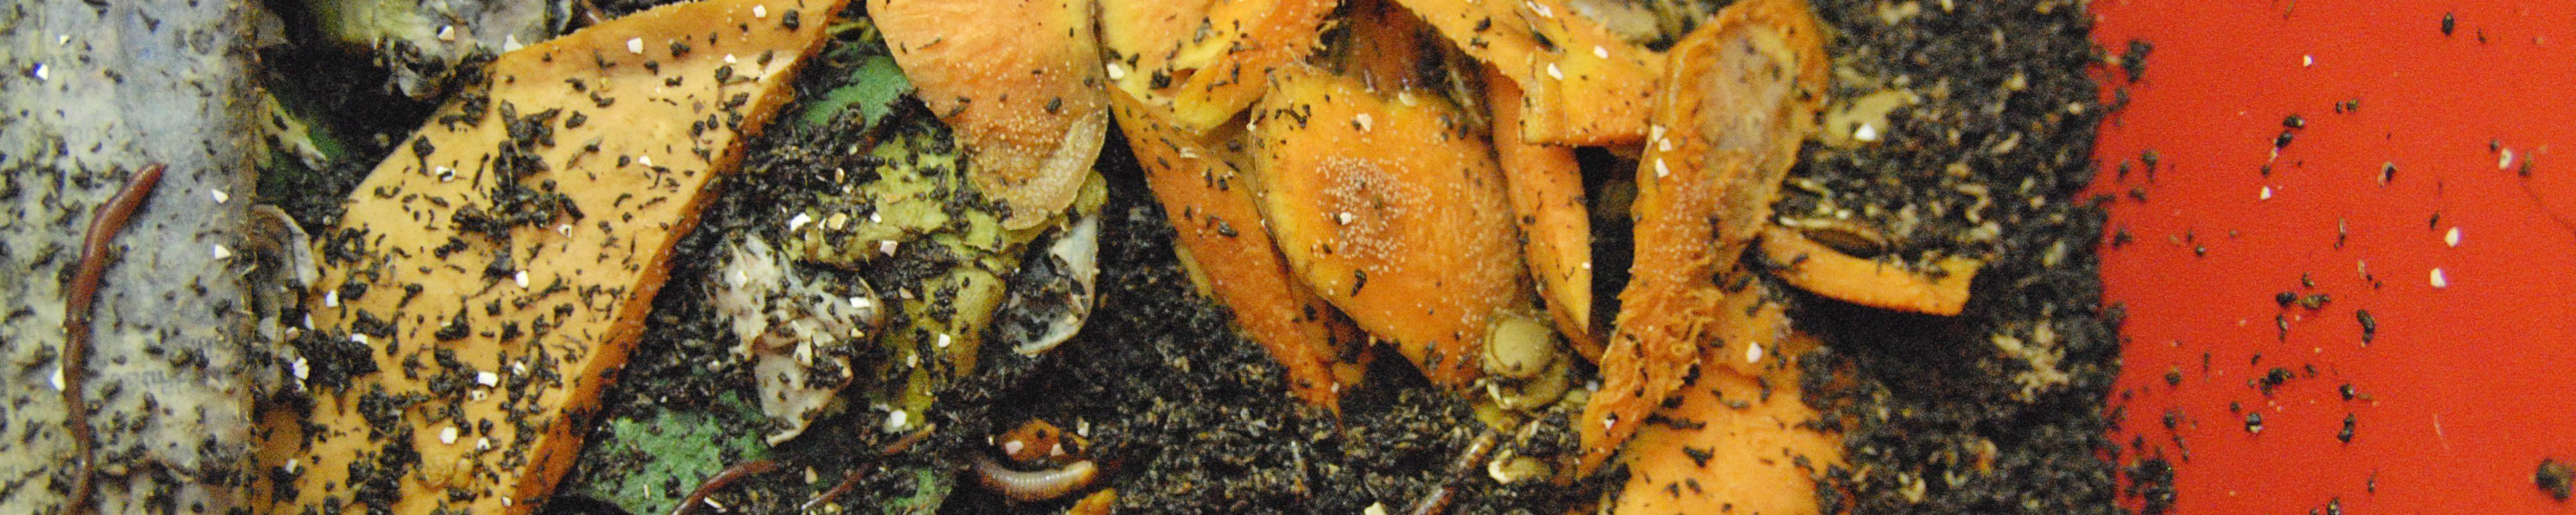 Mit unseren Kompostsystemen verarbeiten wir Bioabfälle zu Dünger für deinen Biogarten